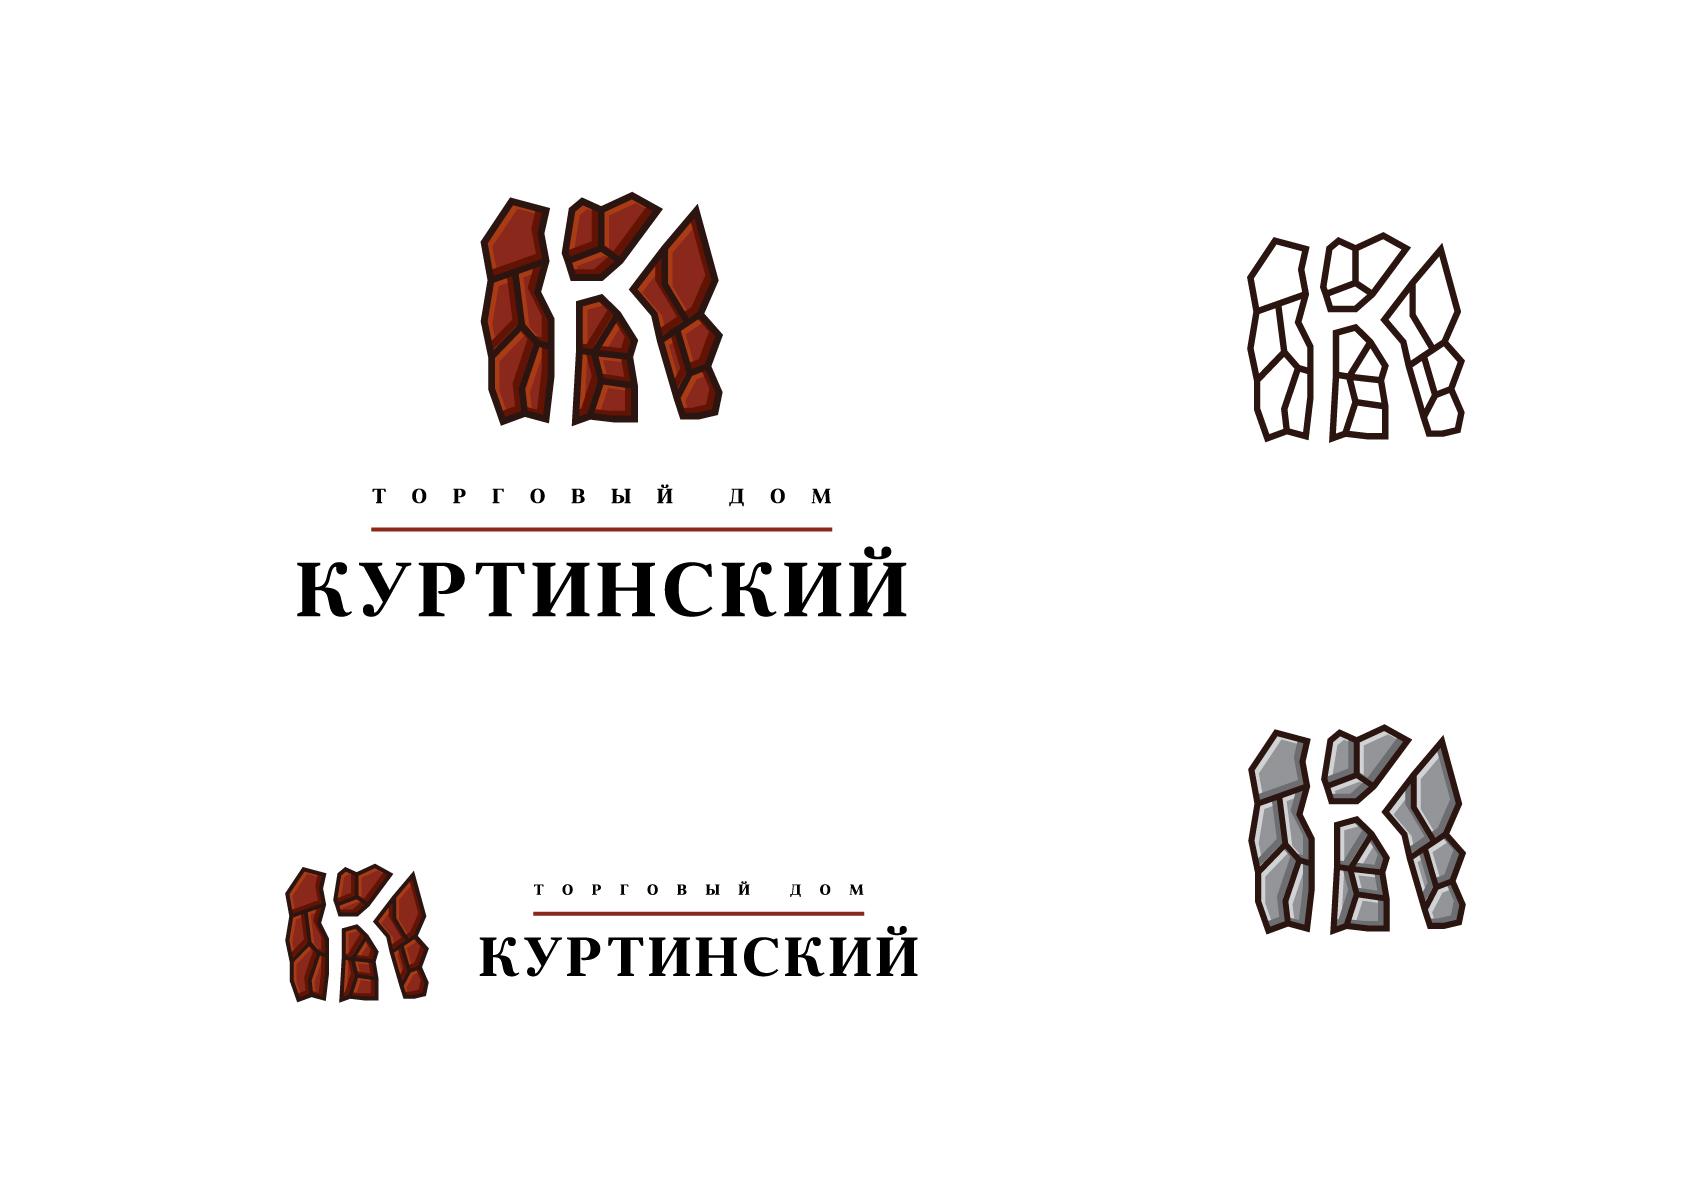 Логотип для камнедобывающей компании фото f_7445b98ade4dcc43.jpg